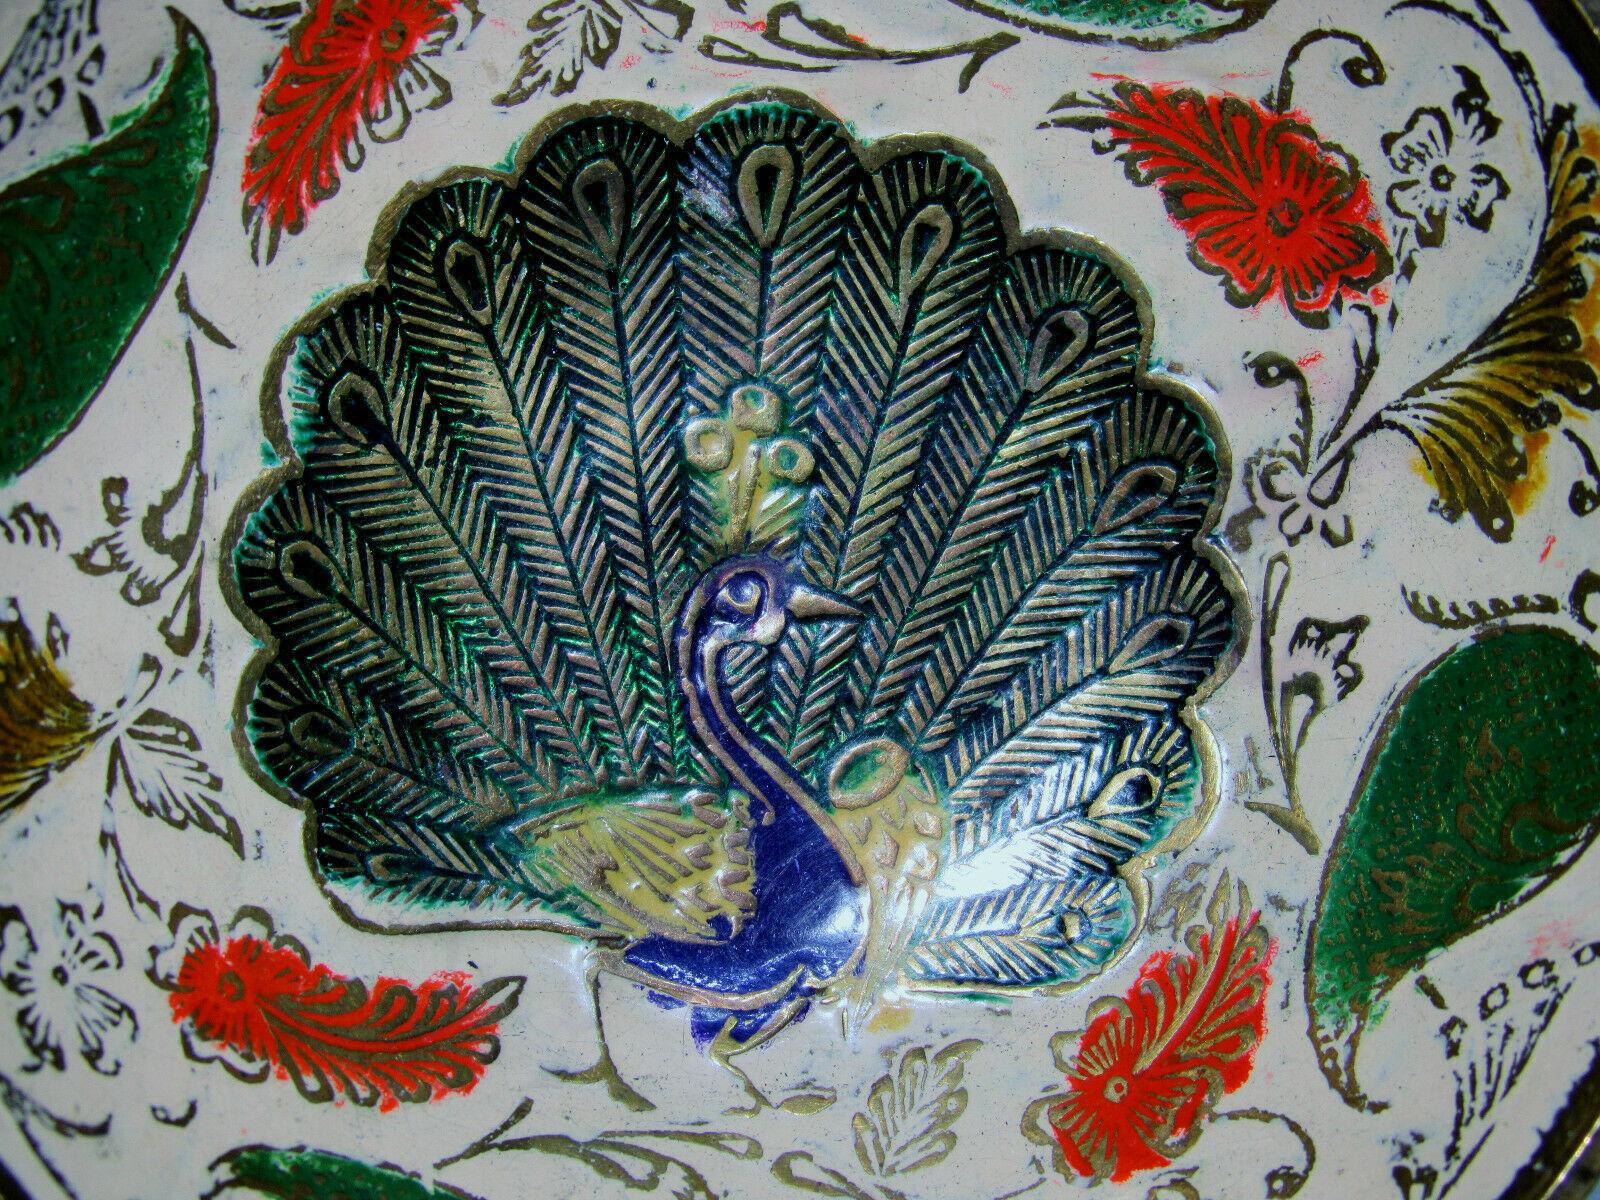 Vintage Brass Ornate Peacock Enameled Bowl on Pedestal image 5